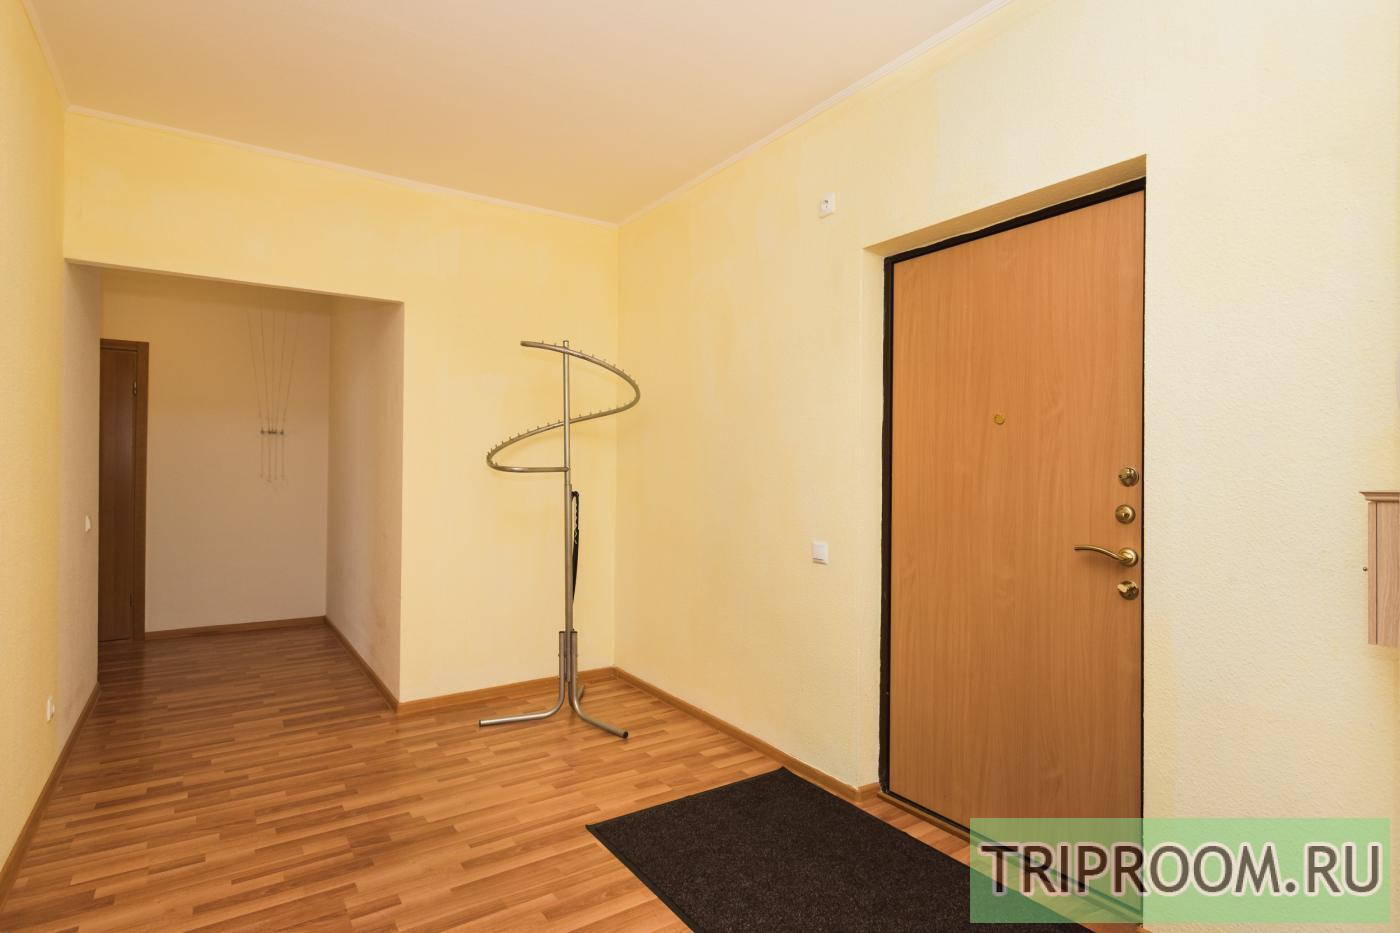 2-комнатная квартира посуточно (вариант № 11950), ул. Шейнкмана улица, фото № 11